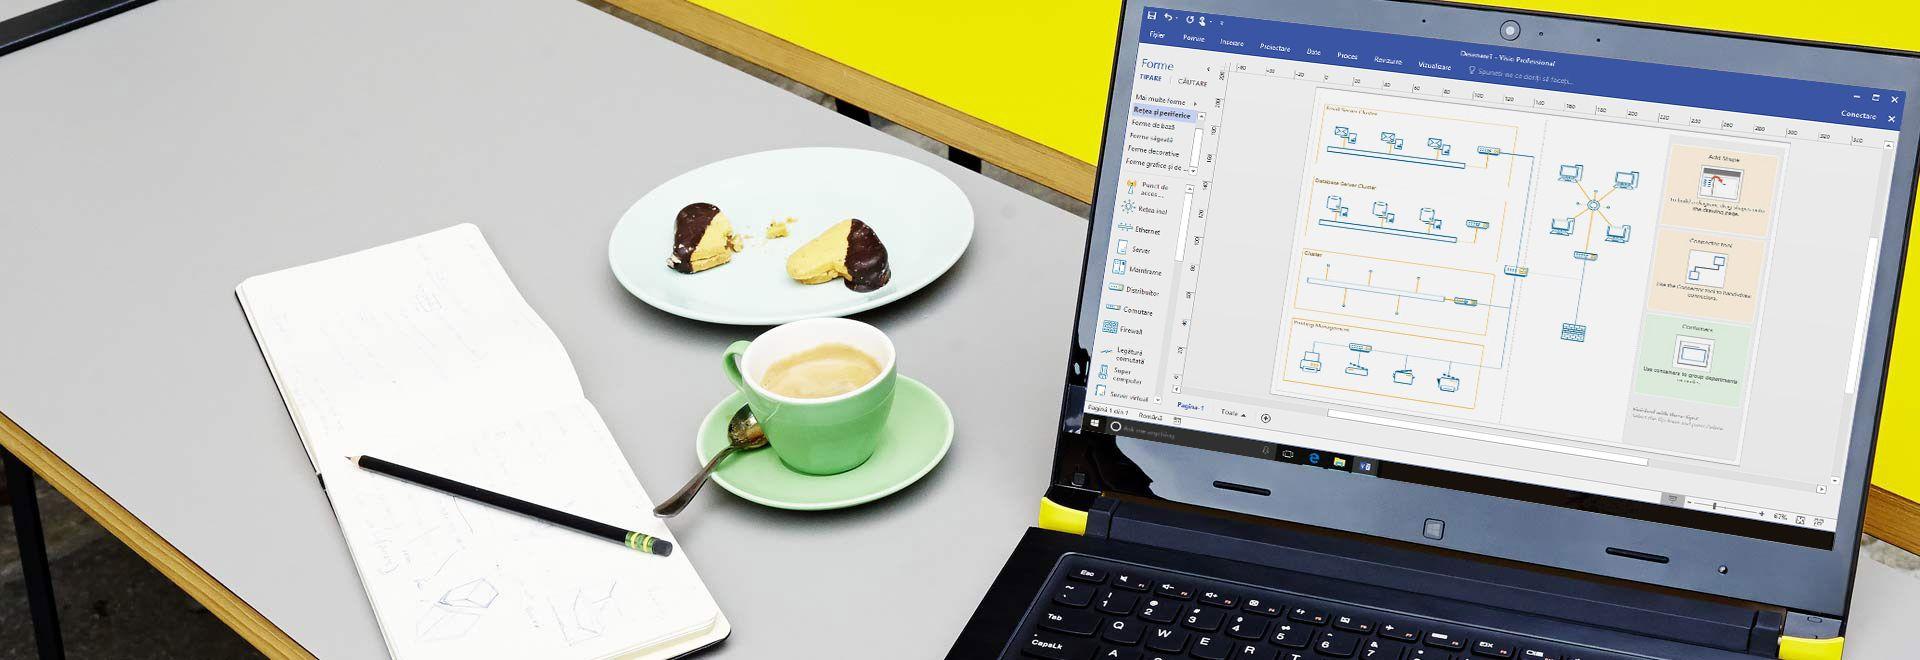 Prim-plan cu un laptop așezat pe o masă, afișând o diagramă Visio cu panglica de editare și panoul